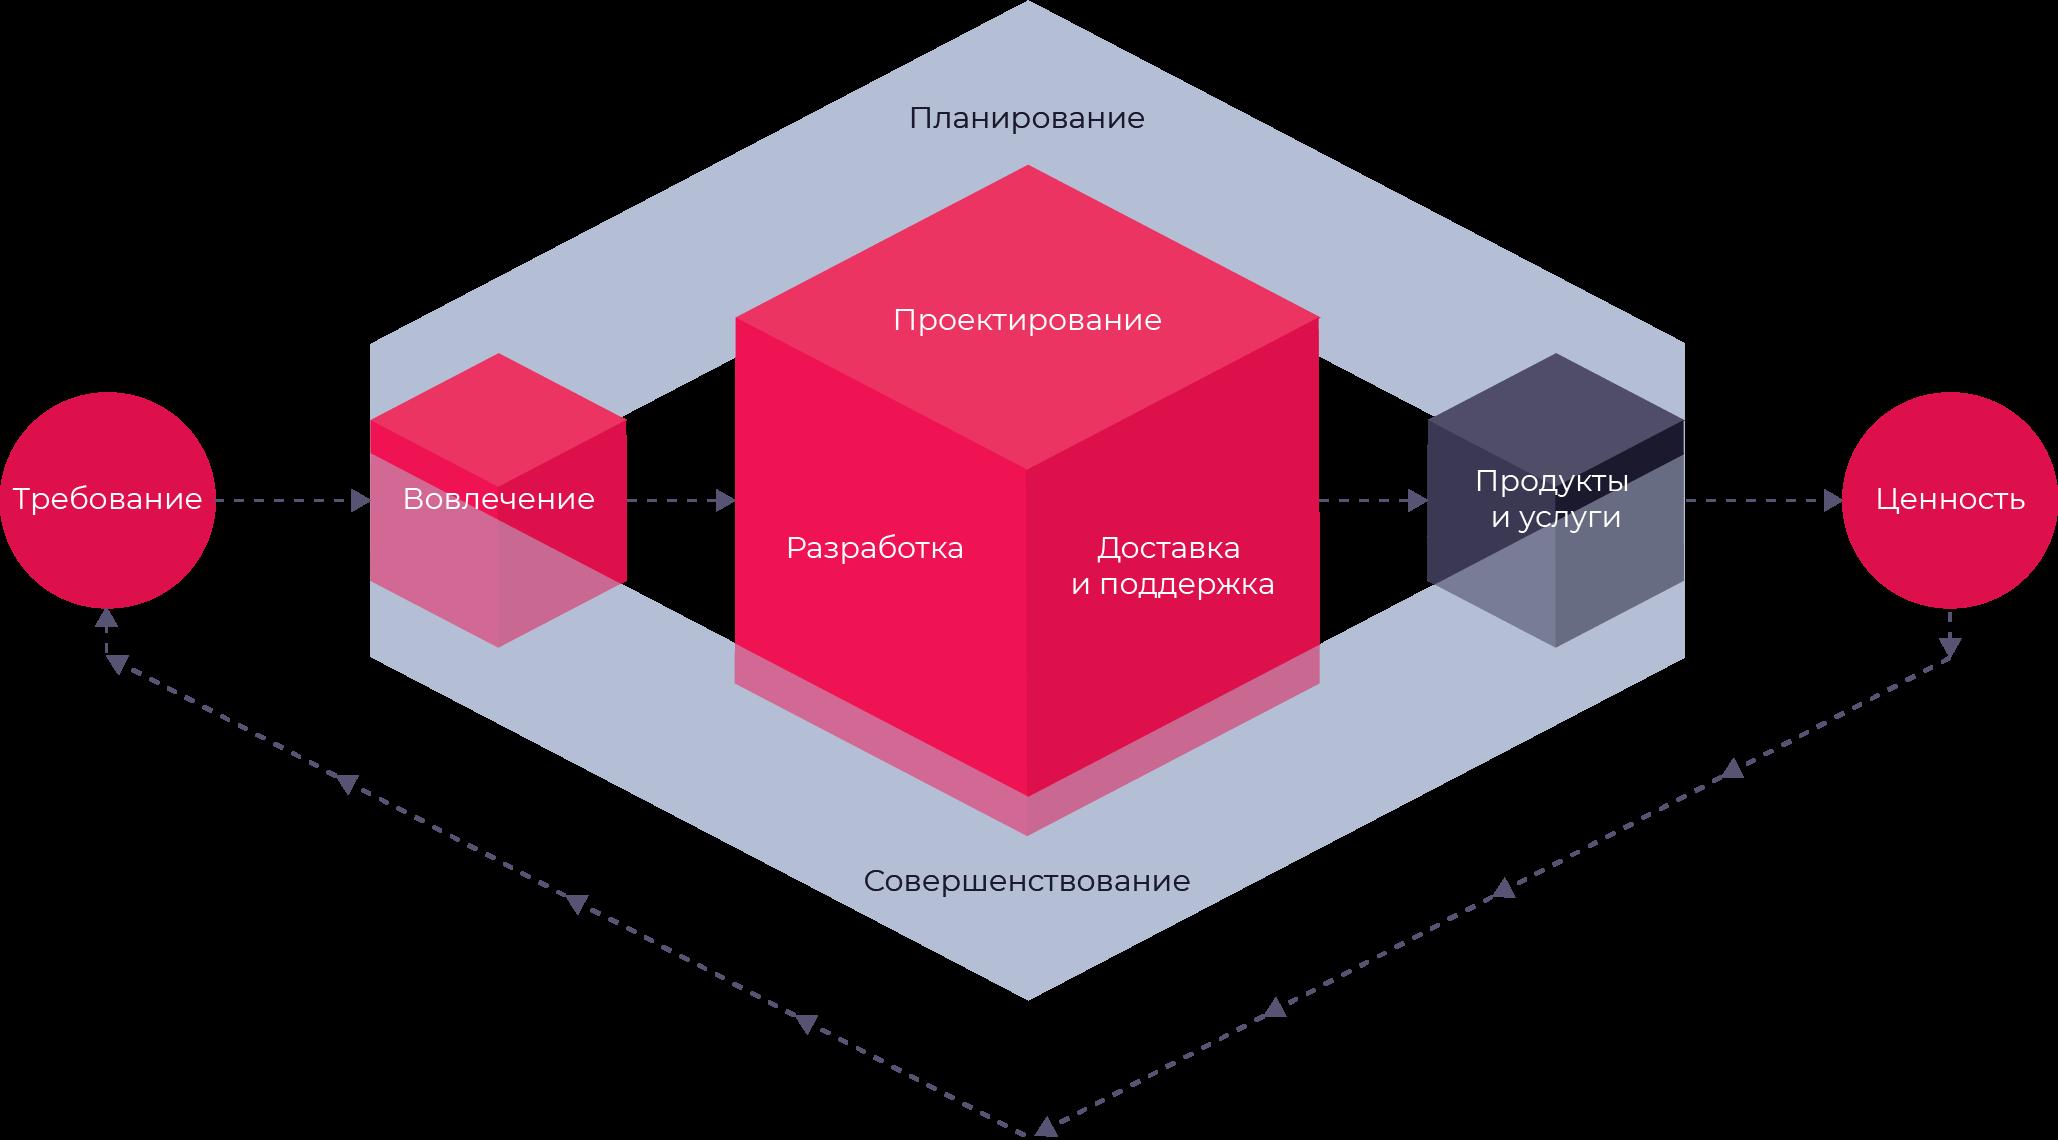 Цепочка создания ценности в ITIL 4